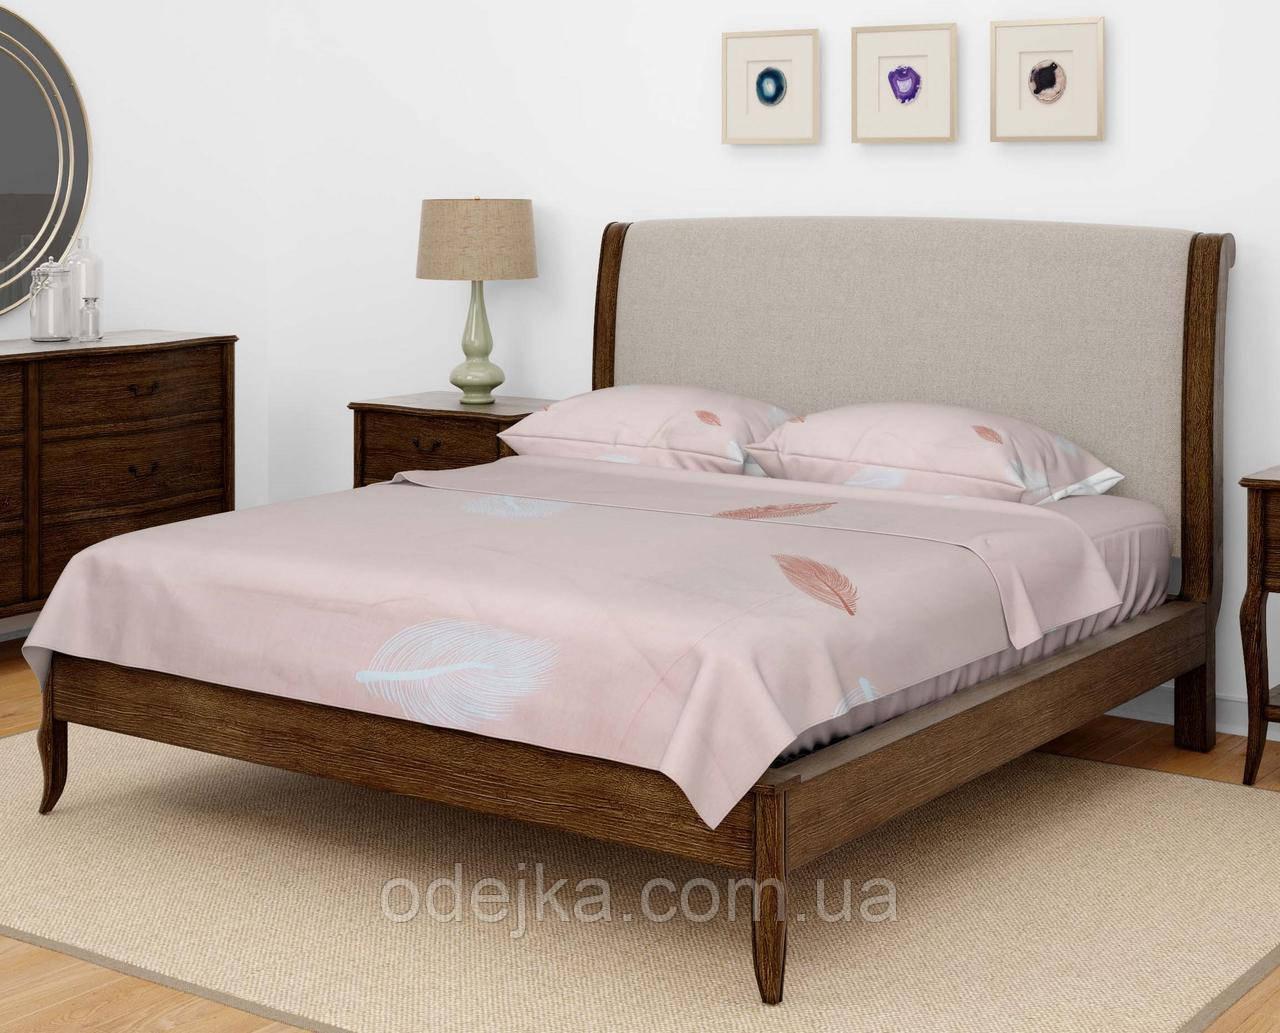 Комплект постельного белья DOTINEM Seni Бязь семейный 150х215 (8808-105)